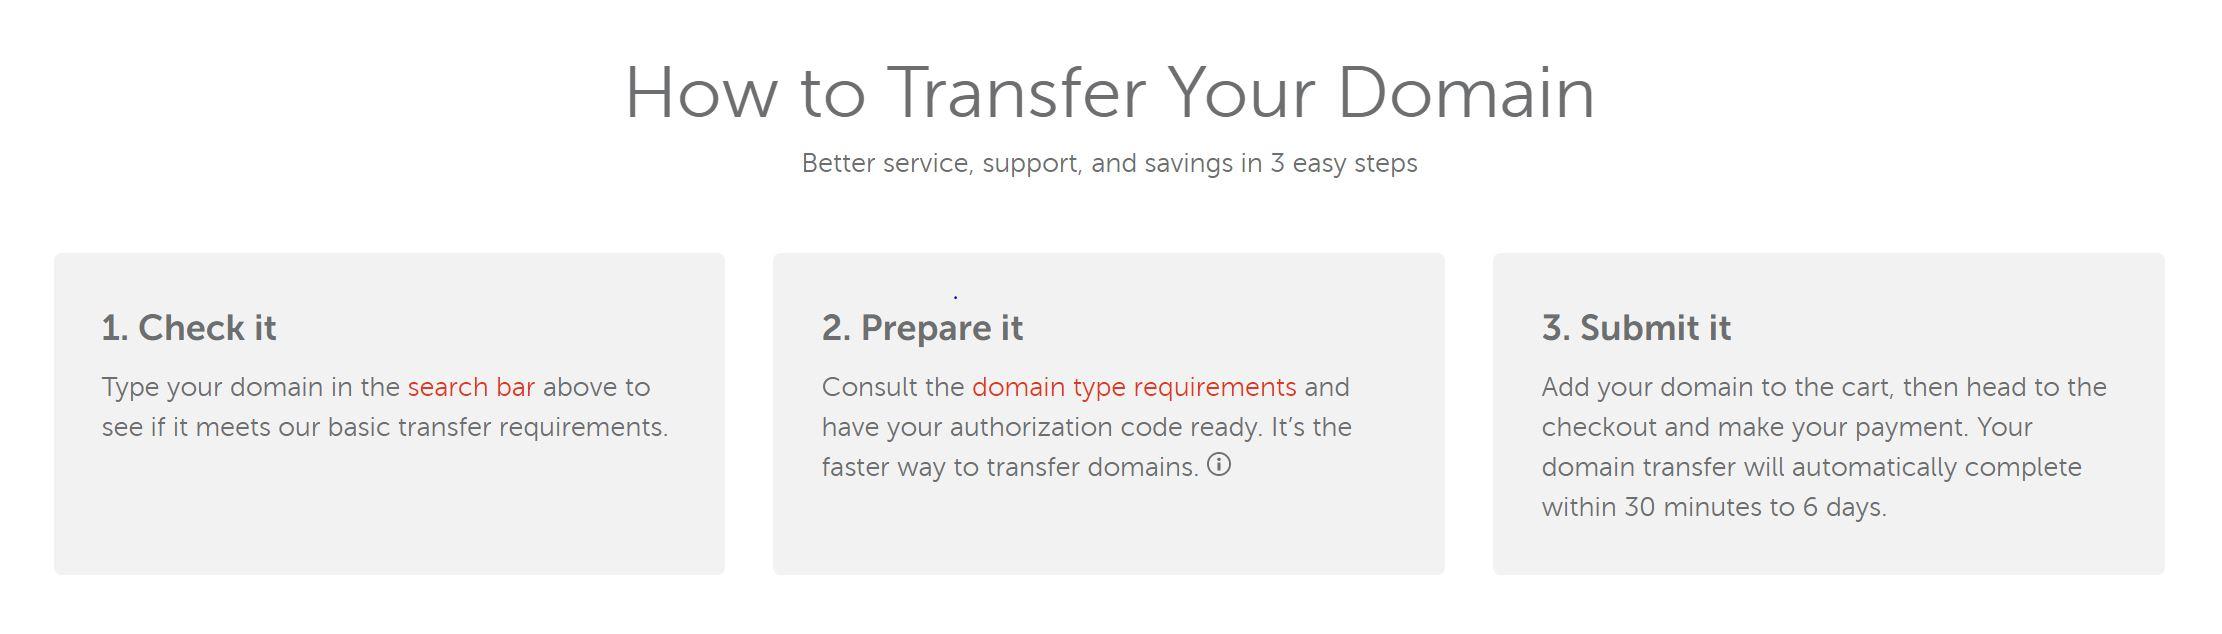 Pûedes hacerte con uno de estos servcio para llevar a cabo transferencias de sitios web.